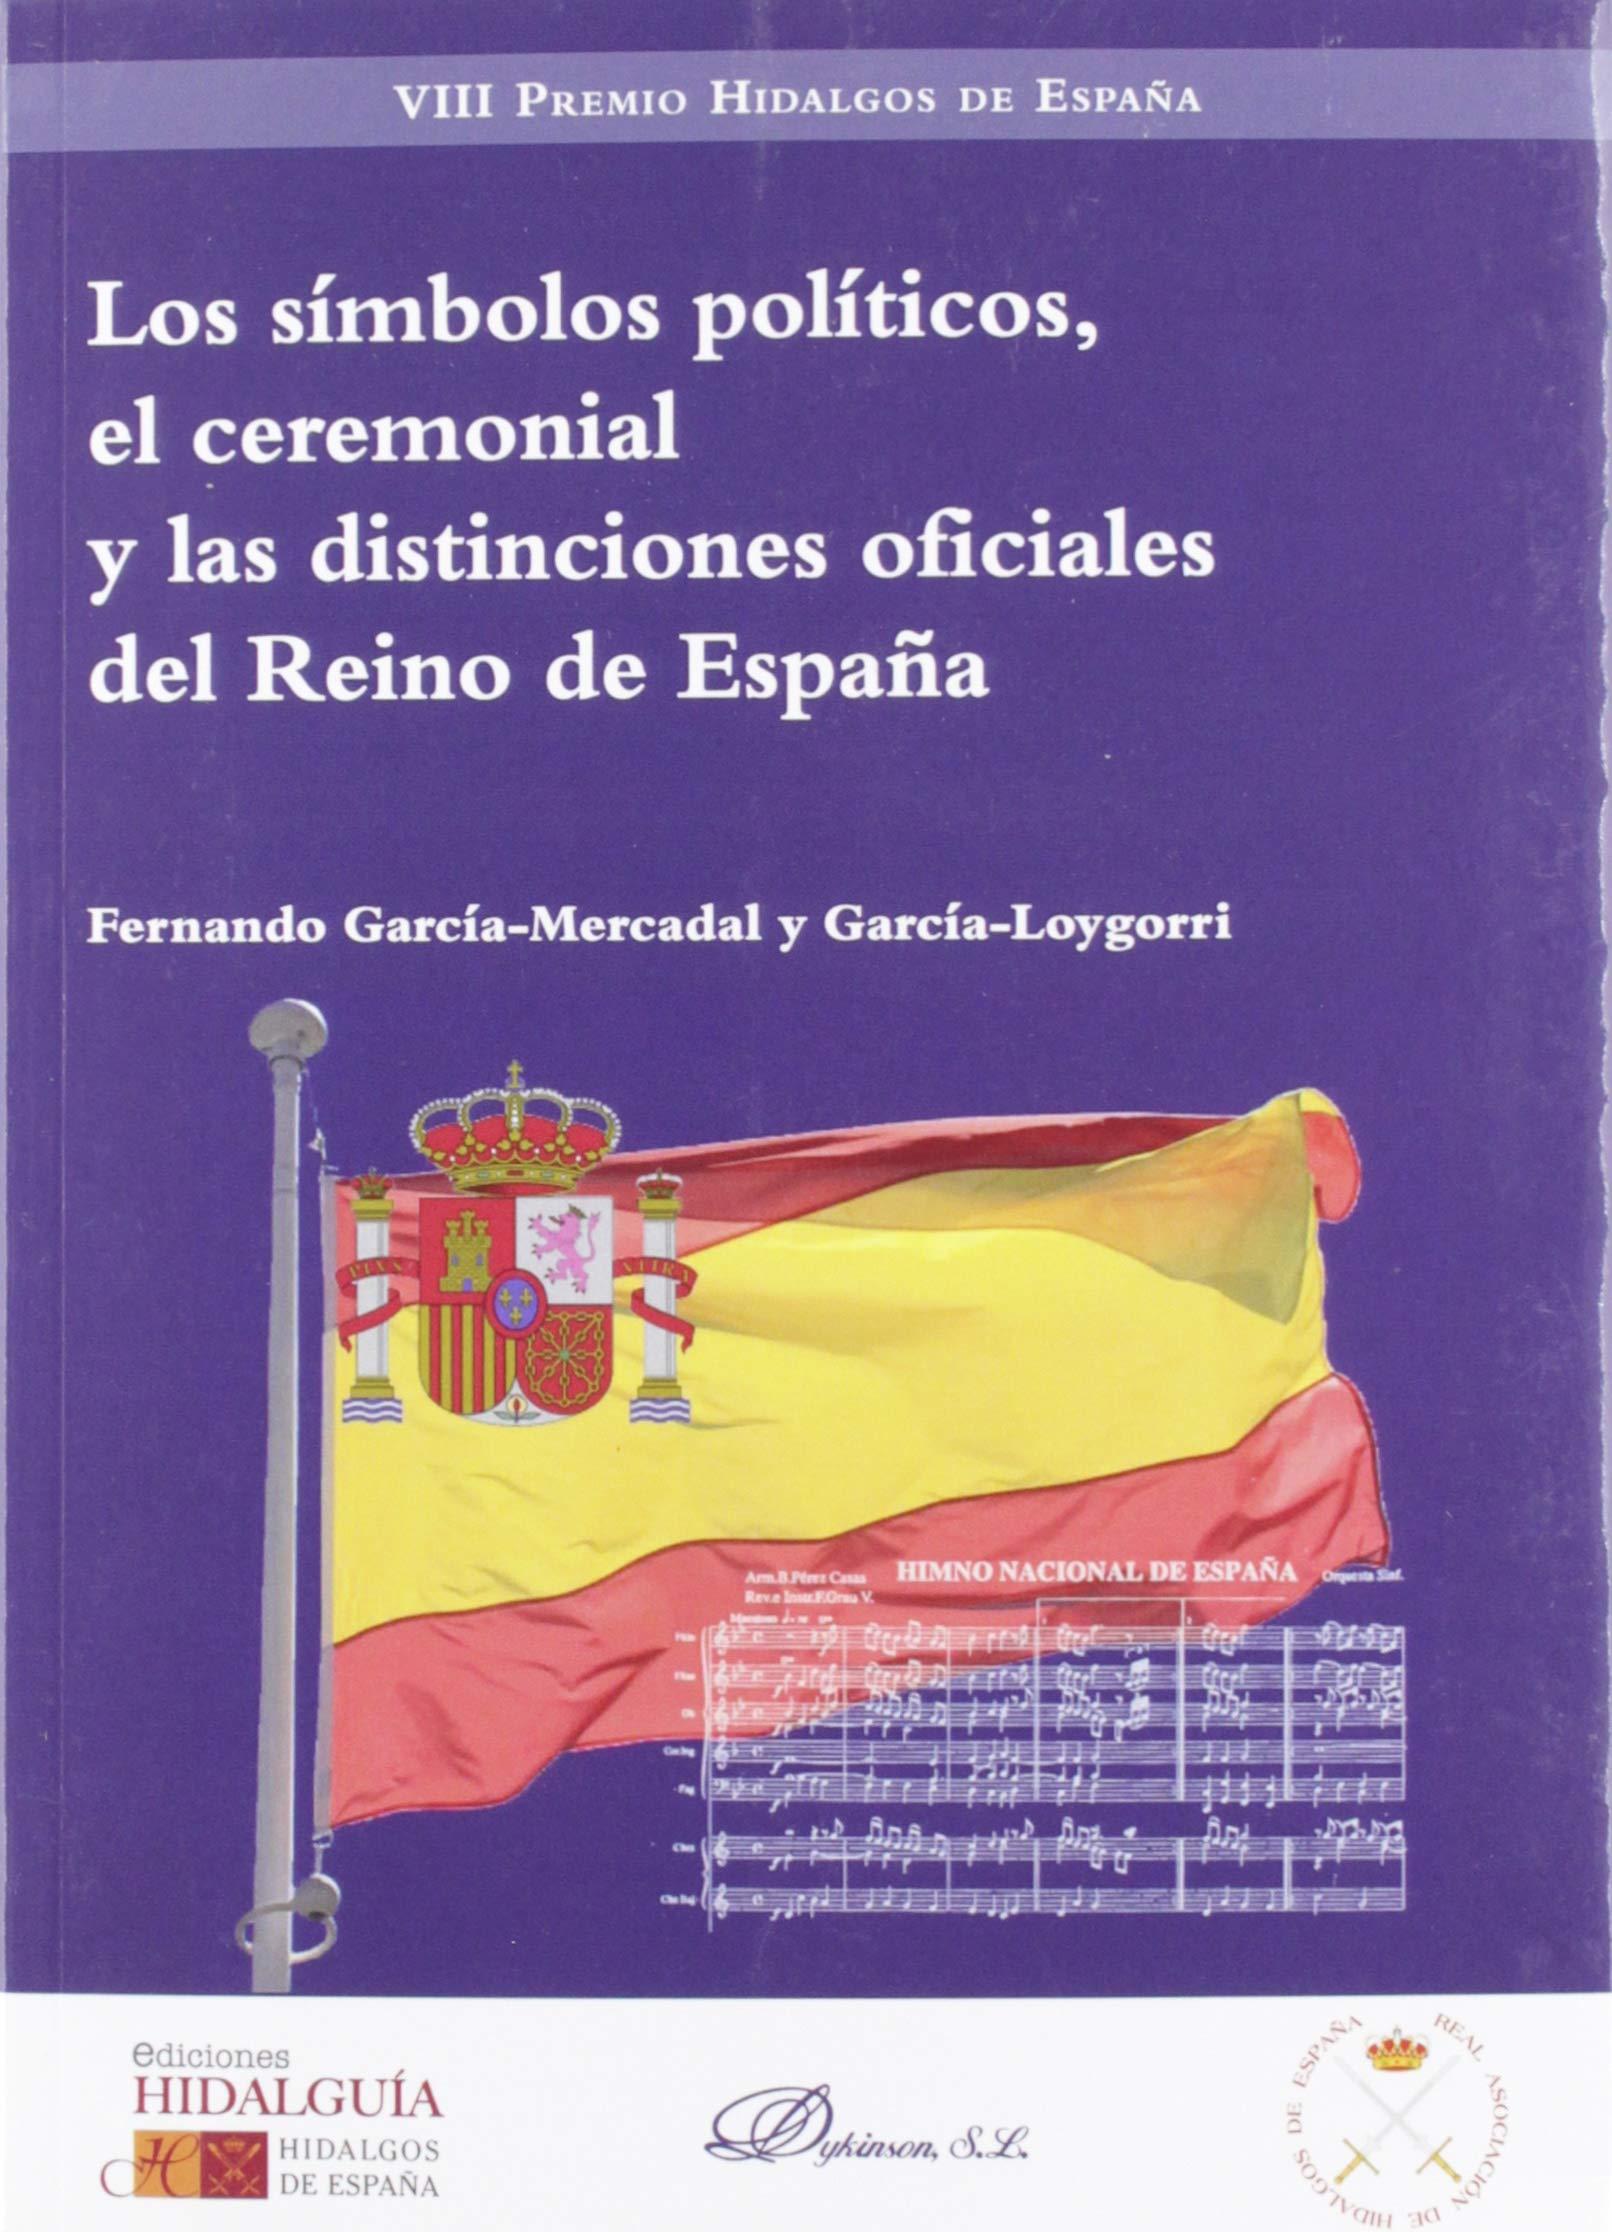 Los símbolos políticos, el ceremonial y las distinciones oficiales del Reino de España: Amazon.es: Fernando García-Mercadal y García Loygorri: Libros